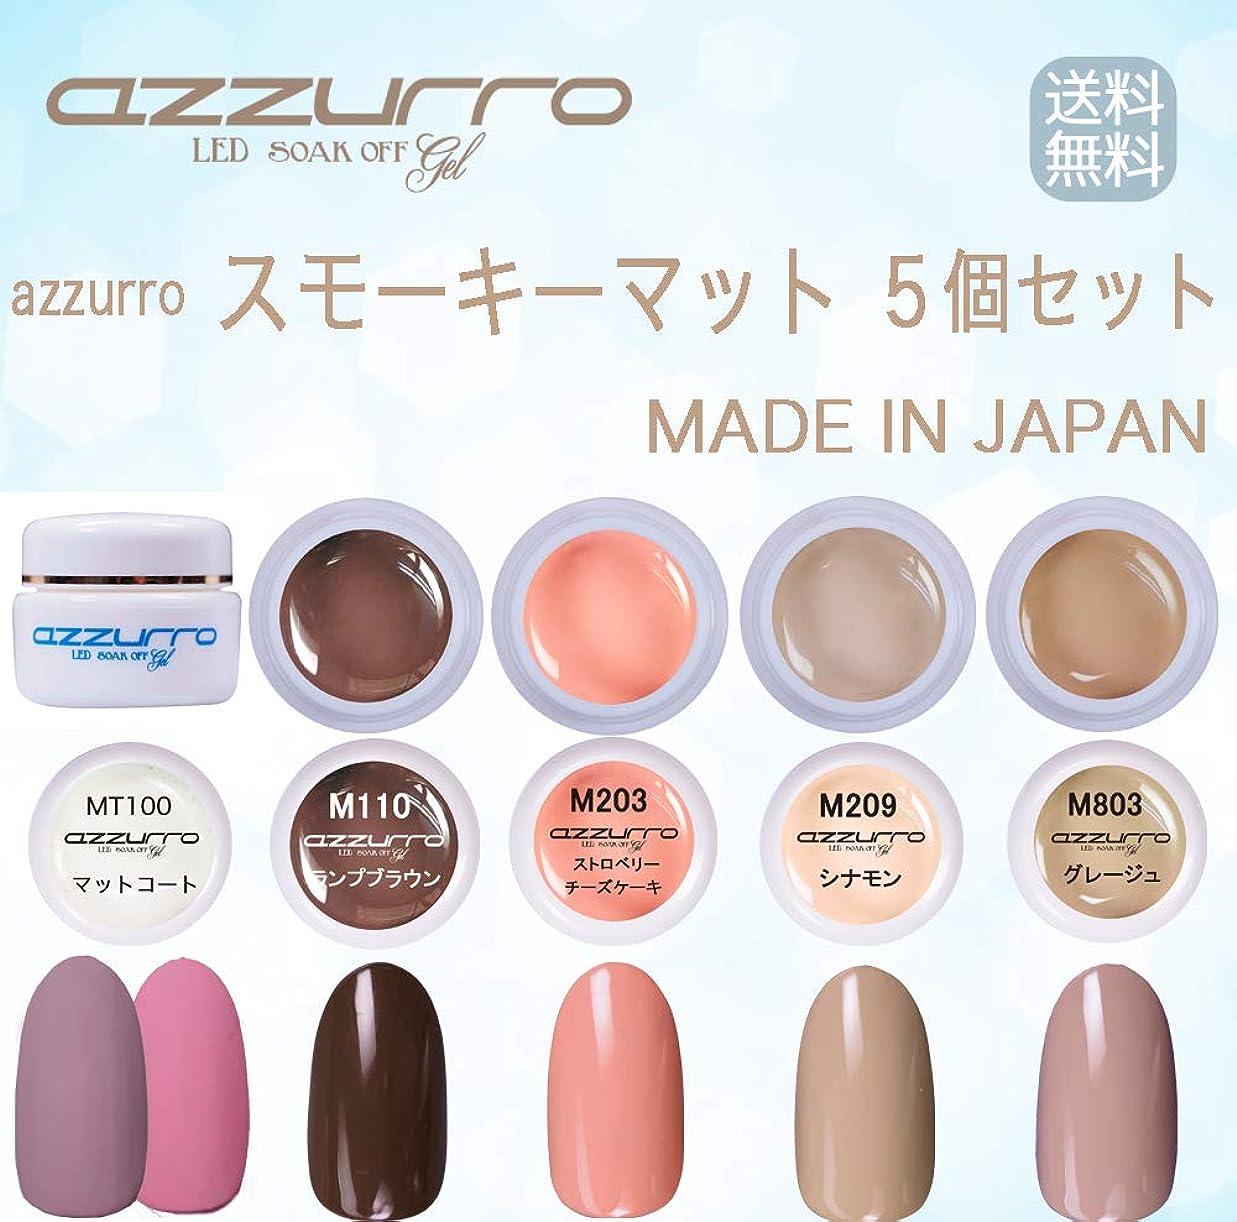 不変修復市場【送料無料】日本製 azzurro gel スモーキーマットカラージェル5個セット トレンドネイルのマストアイテムのマットトップ